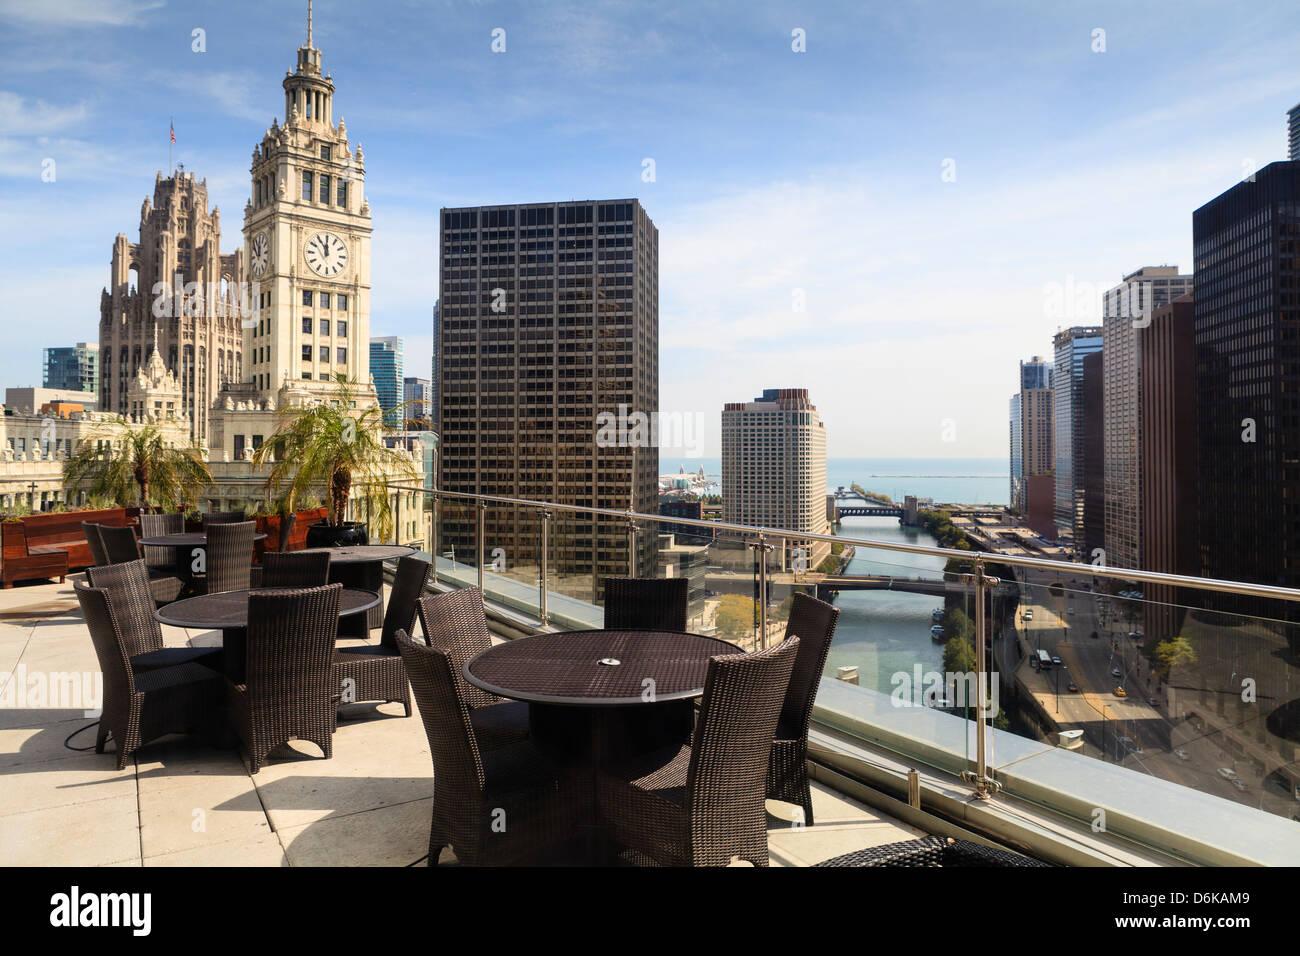 Vue de l'hôtel Trump Tower, Chicago, Illinois, États-Unis d'Amérique, Amérique du Nord Photo Stock